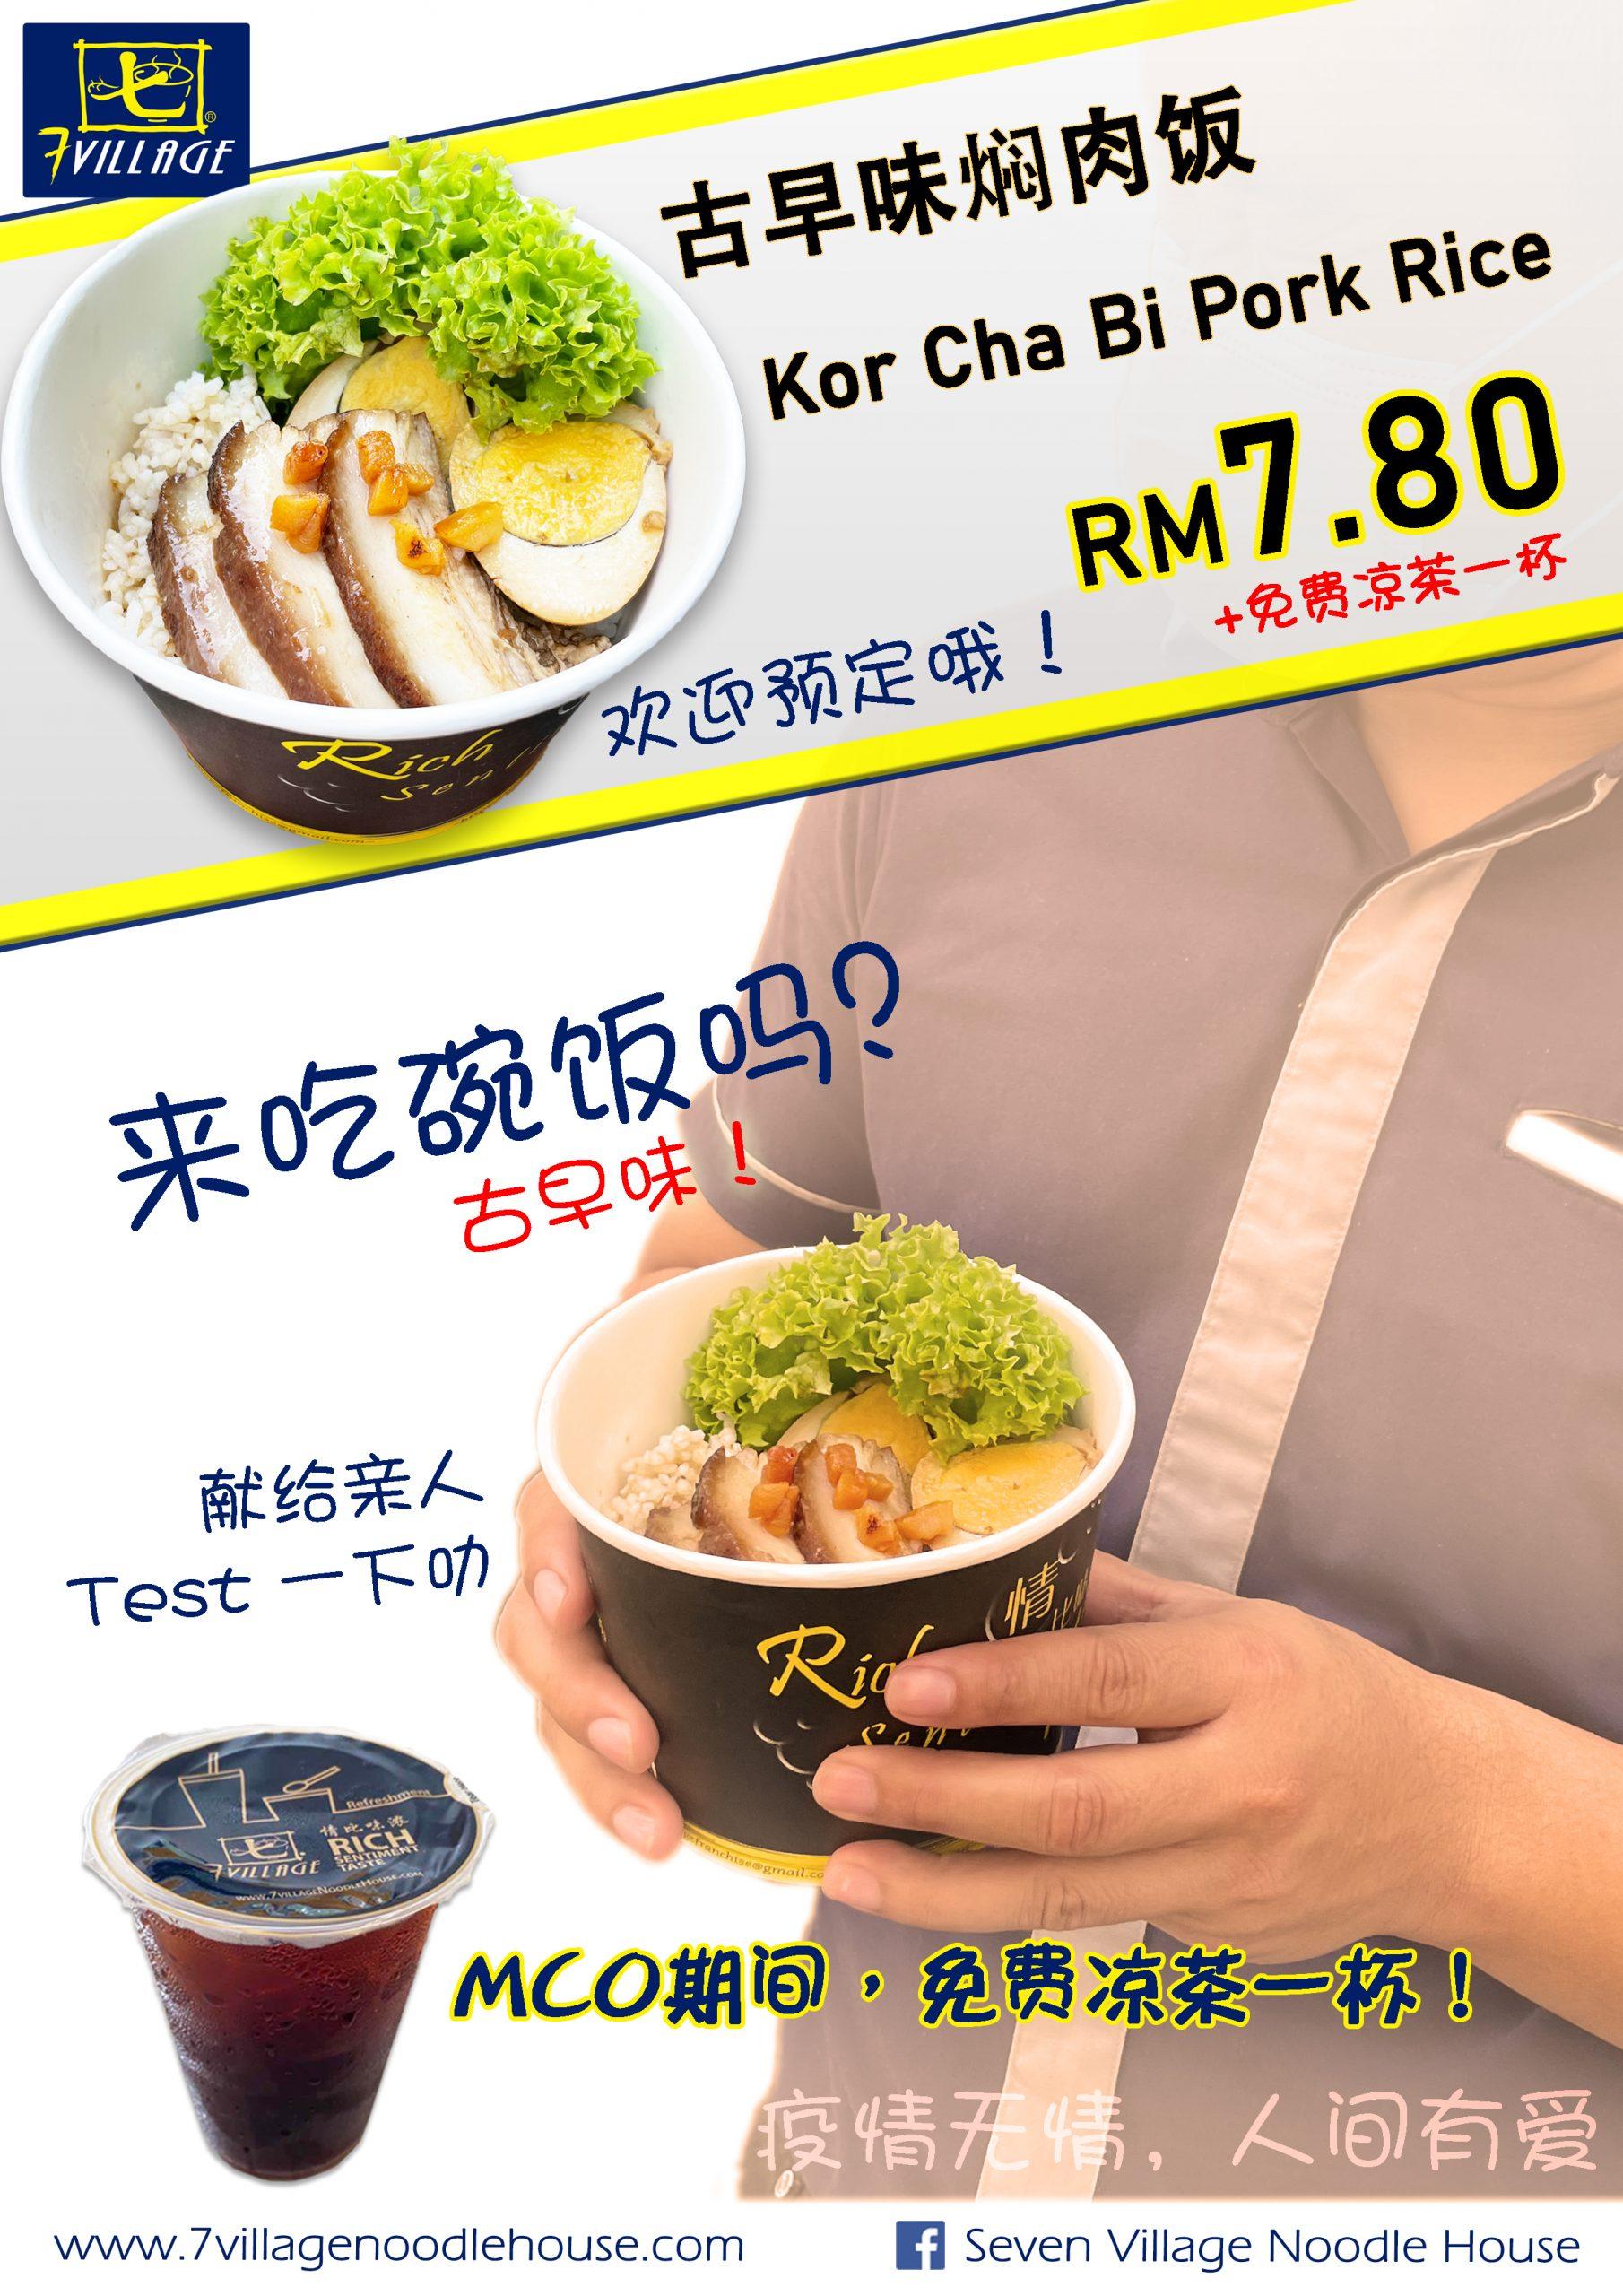 Kor Cha Bi Pork Rice_V3